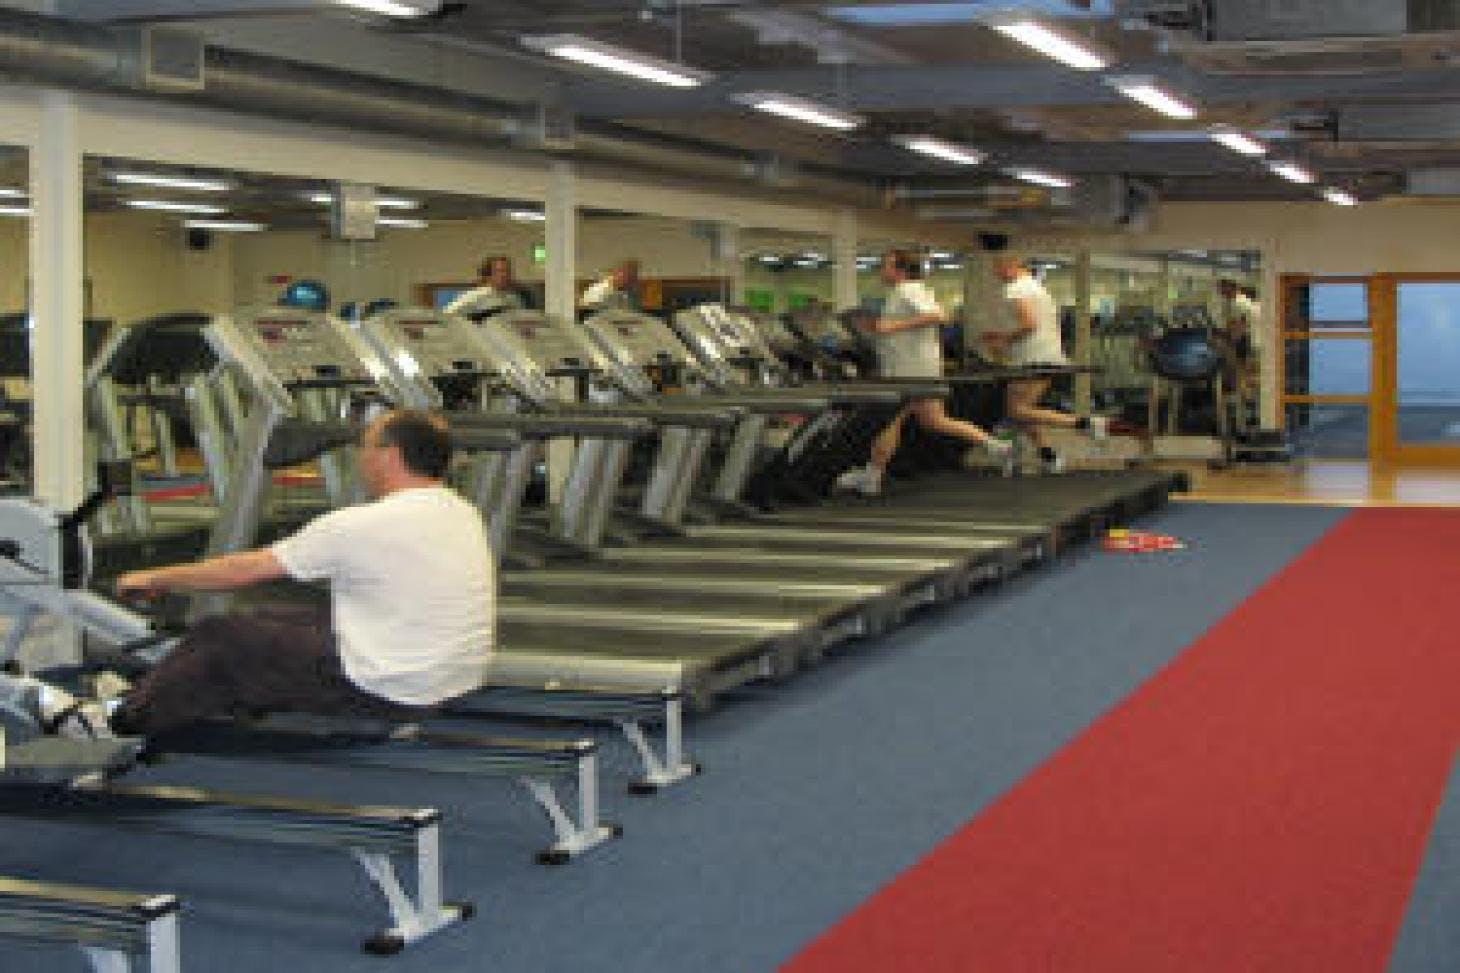 dlr Monkstown Indoor gym